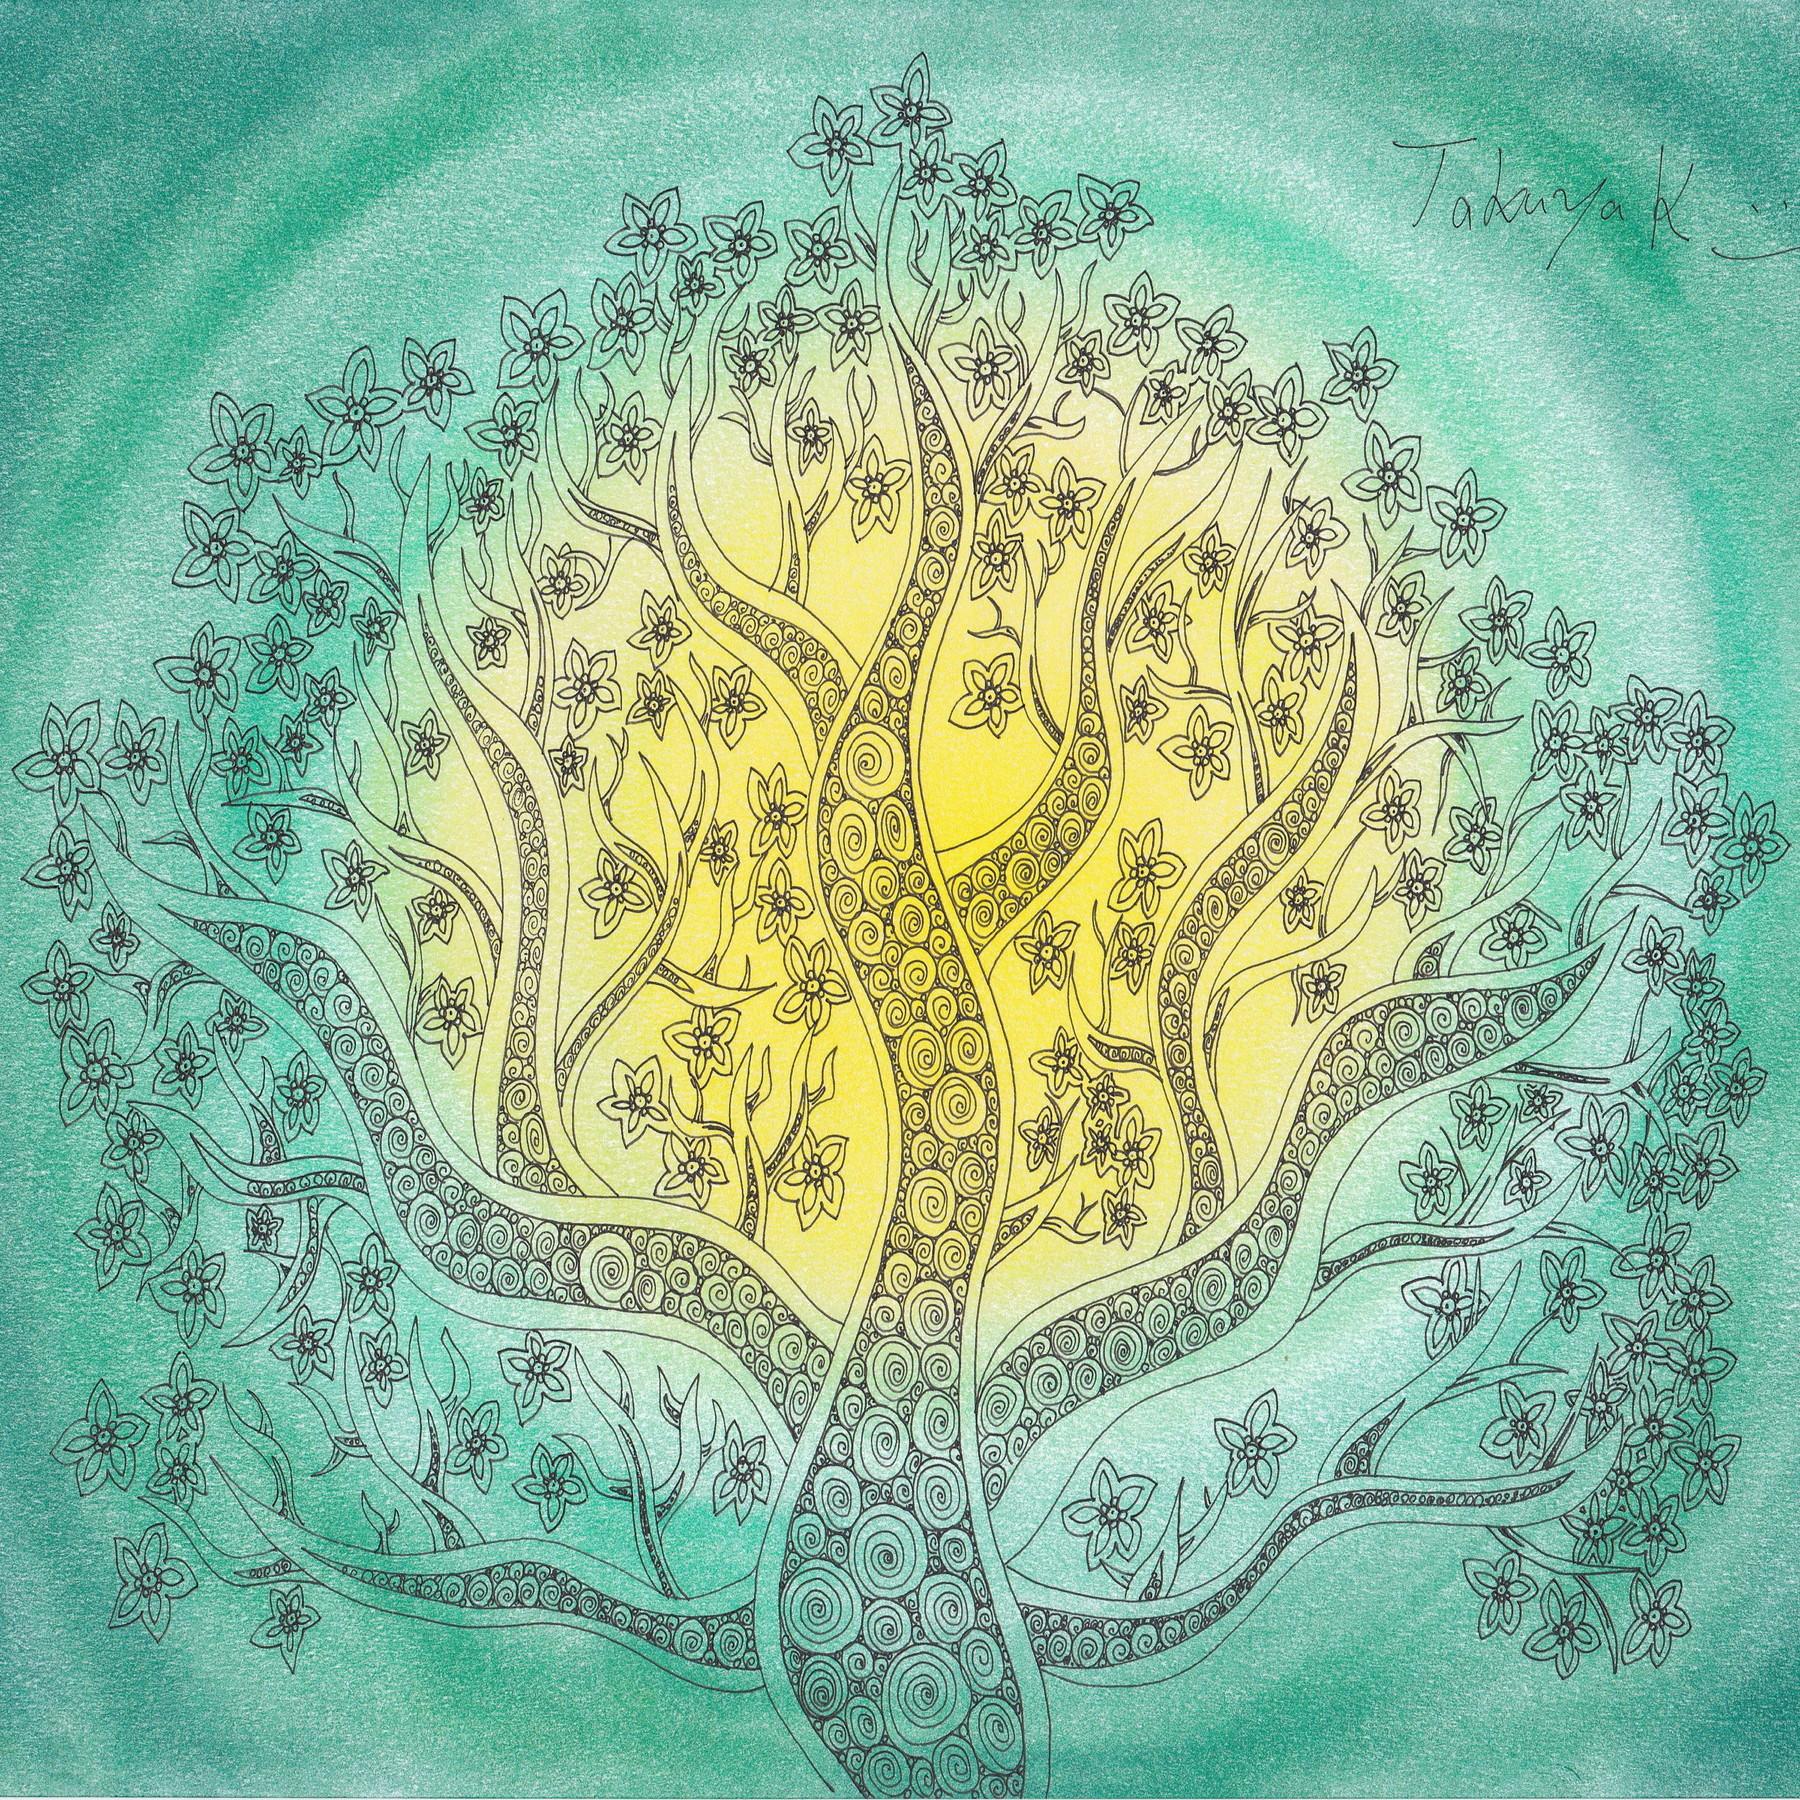 """絵画 インテリア アートパネル 雑貨 壁掛け 置物 おしゃれ 植物 創作イラスト ゼンタングル パターンアート ロココロ 画家 : Takuya Kawashima 作品 : 希望の樹""""源"""""""